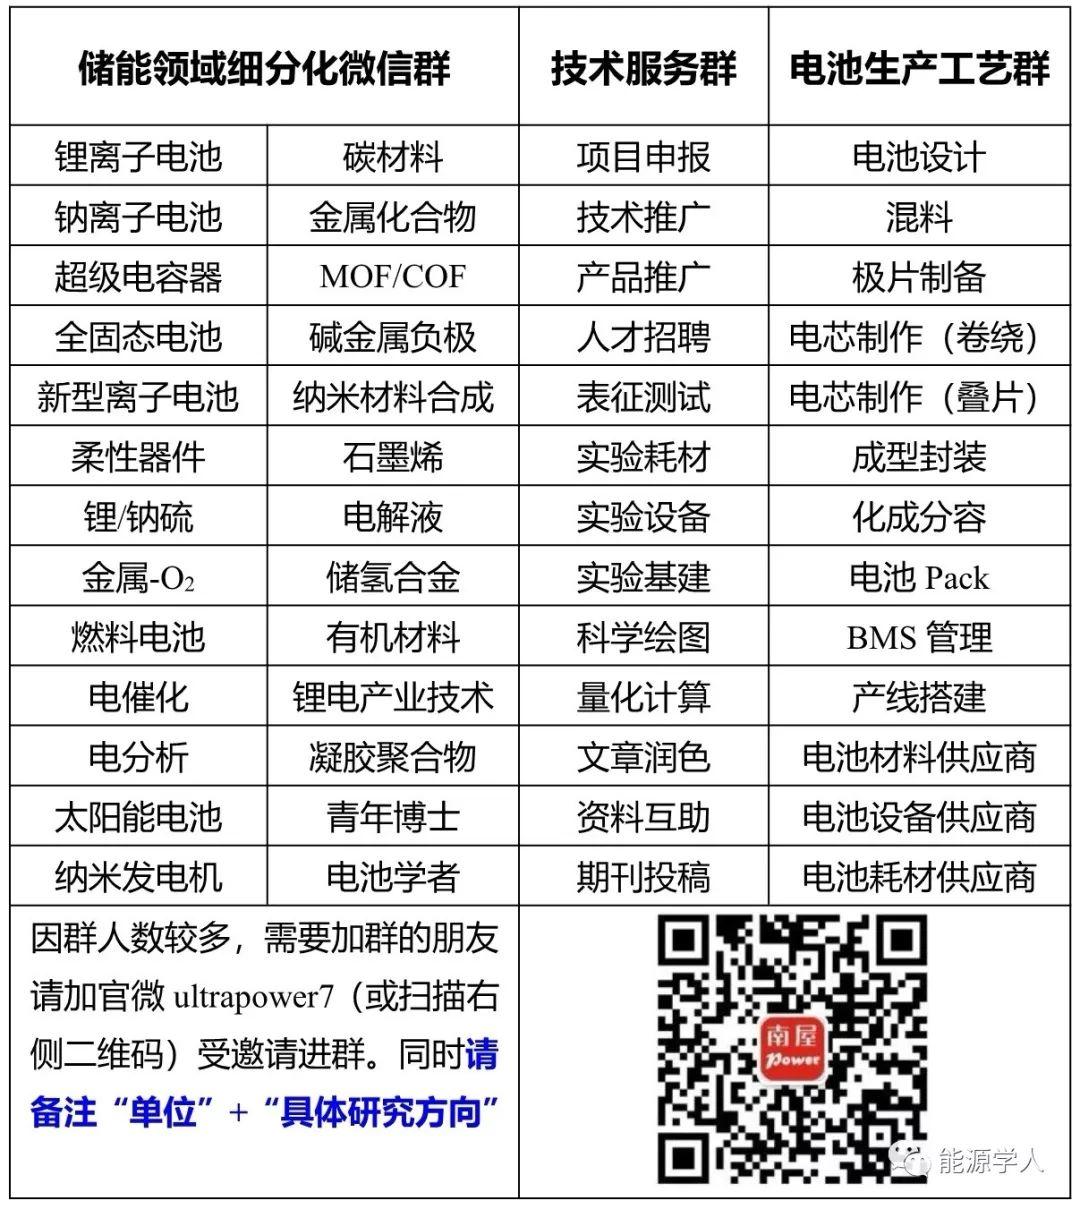 北京化工大学Adv Mater:基于范德华自组装的过渡金属氧化物/MXene纳米异质结构及其高效储锂性能